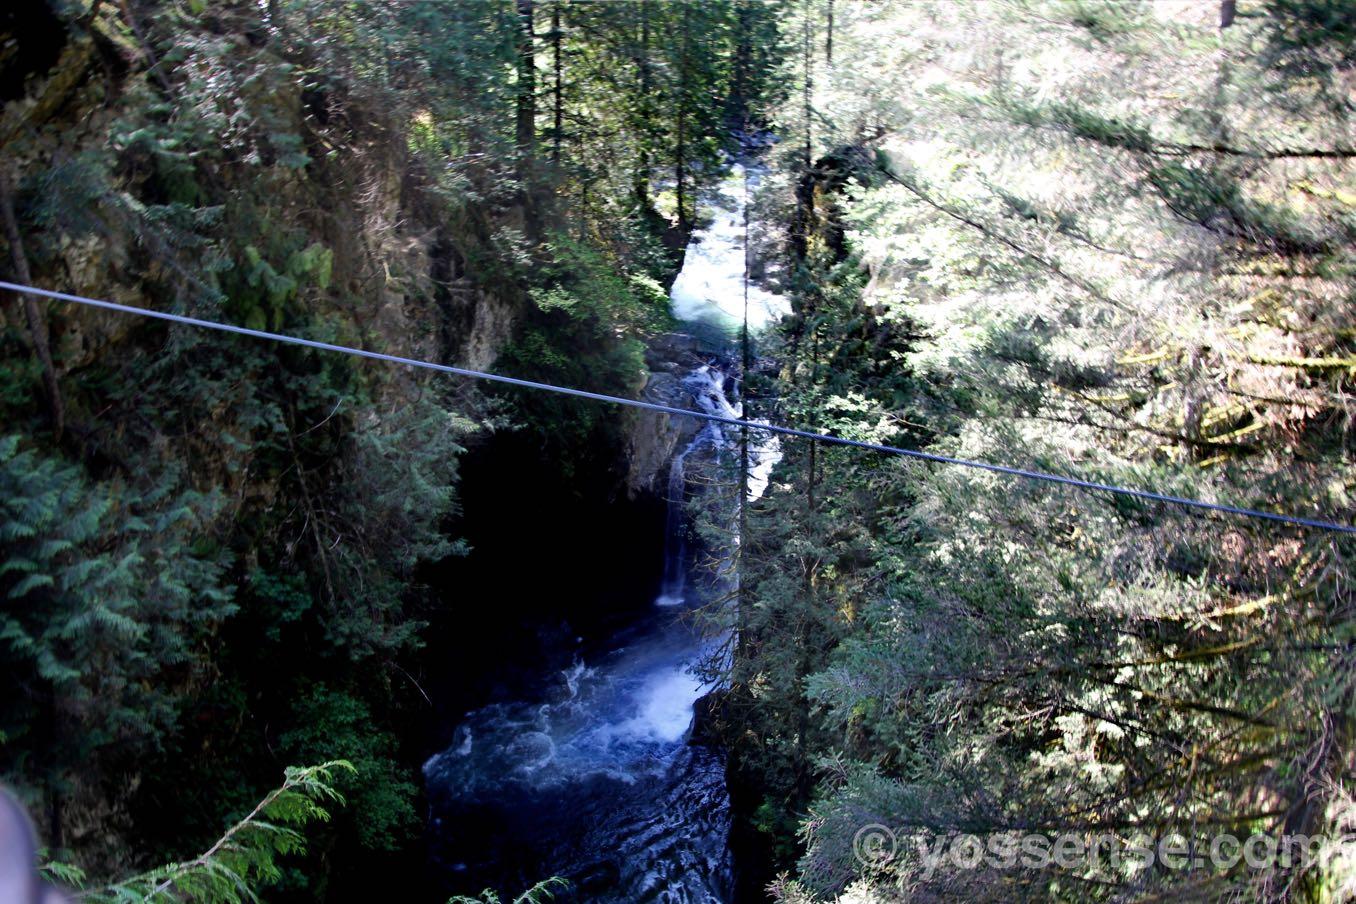 吊橋から滝が見えますよ